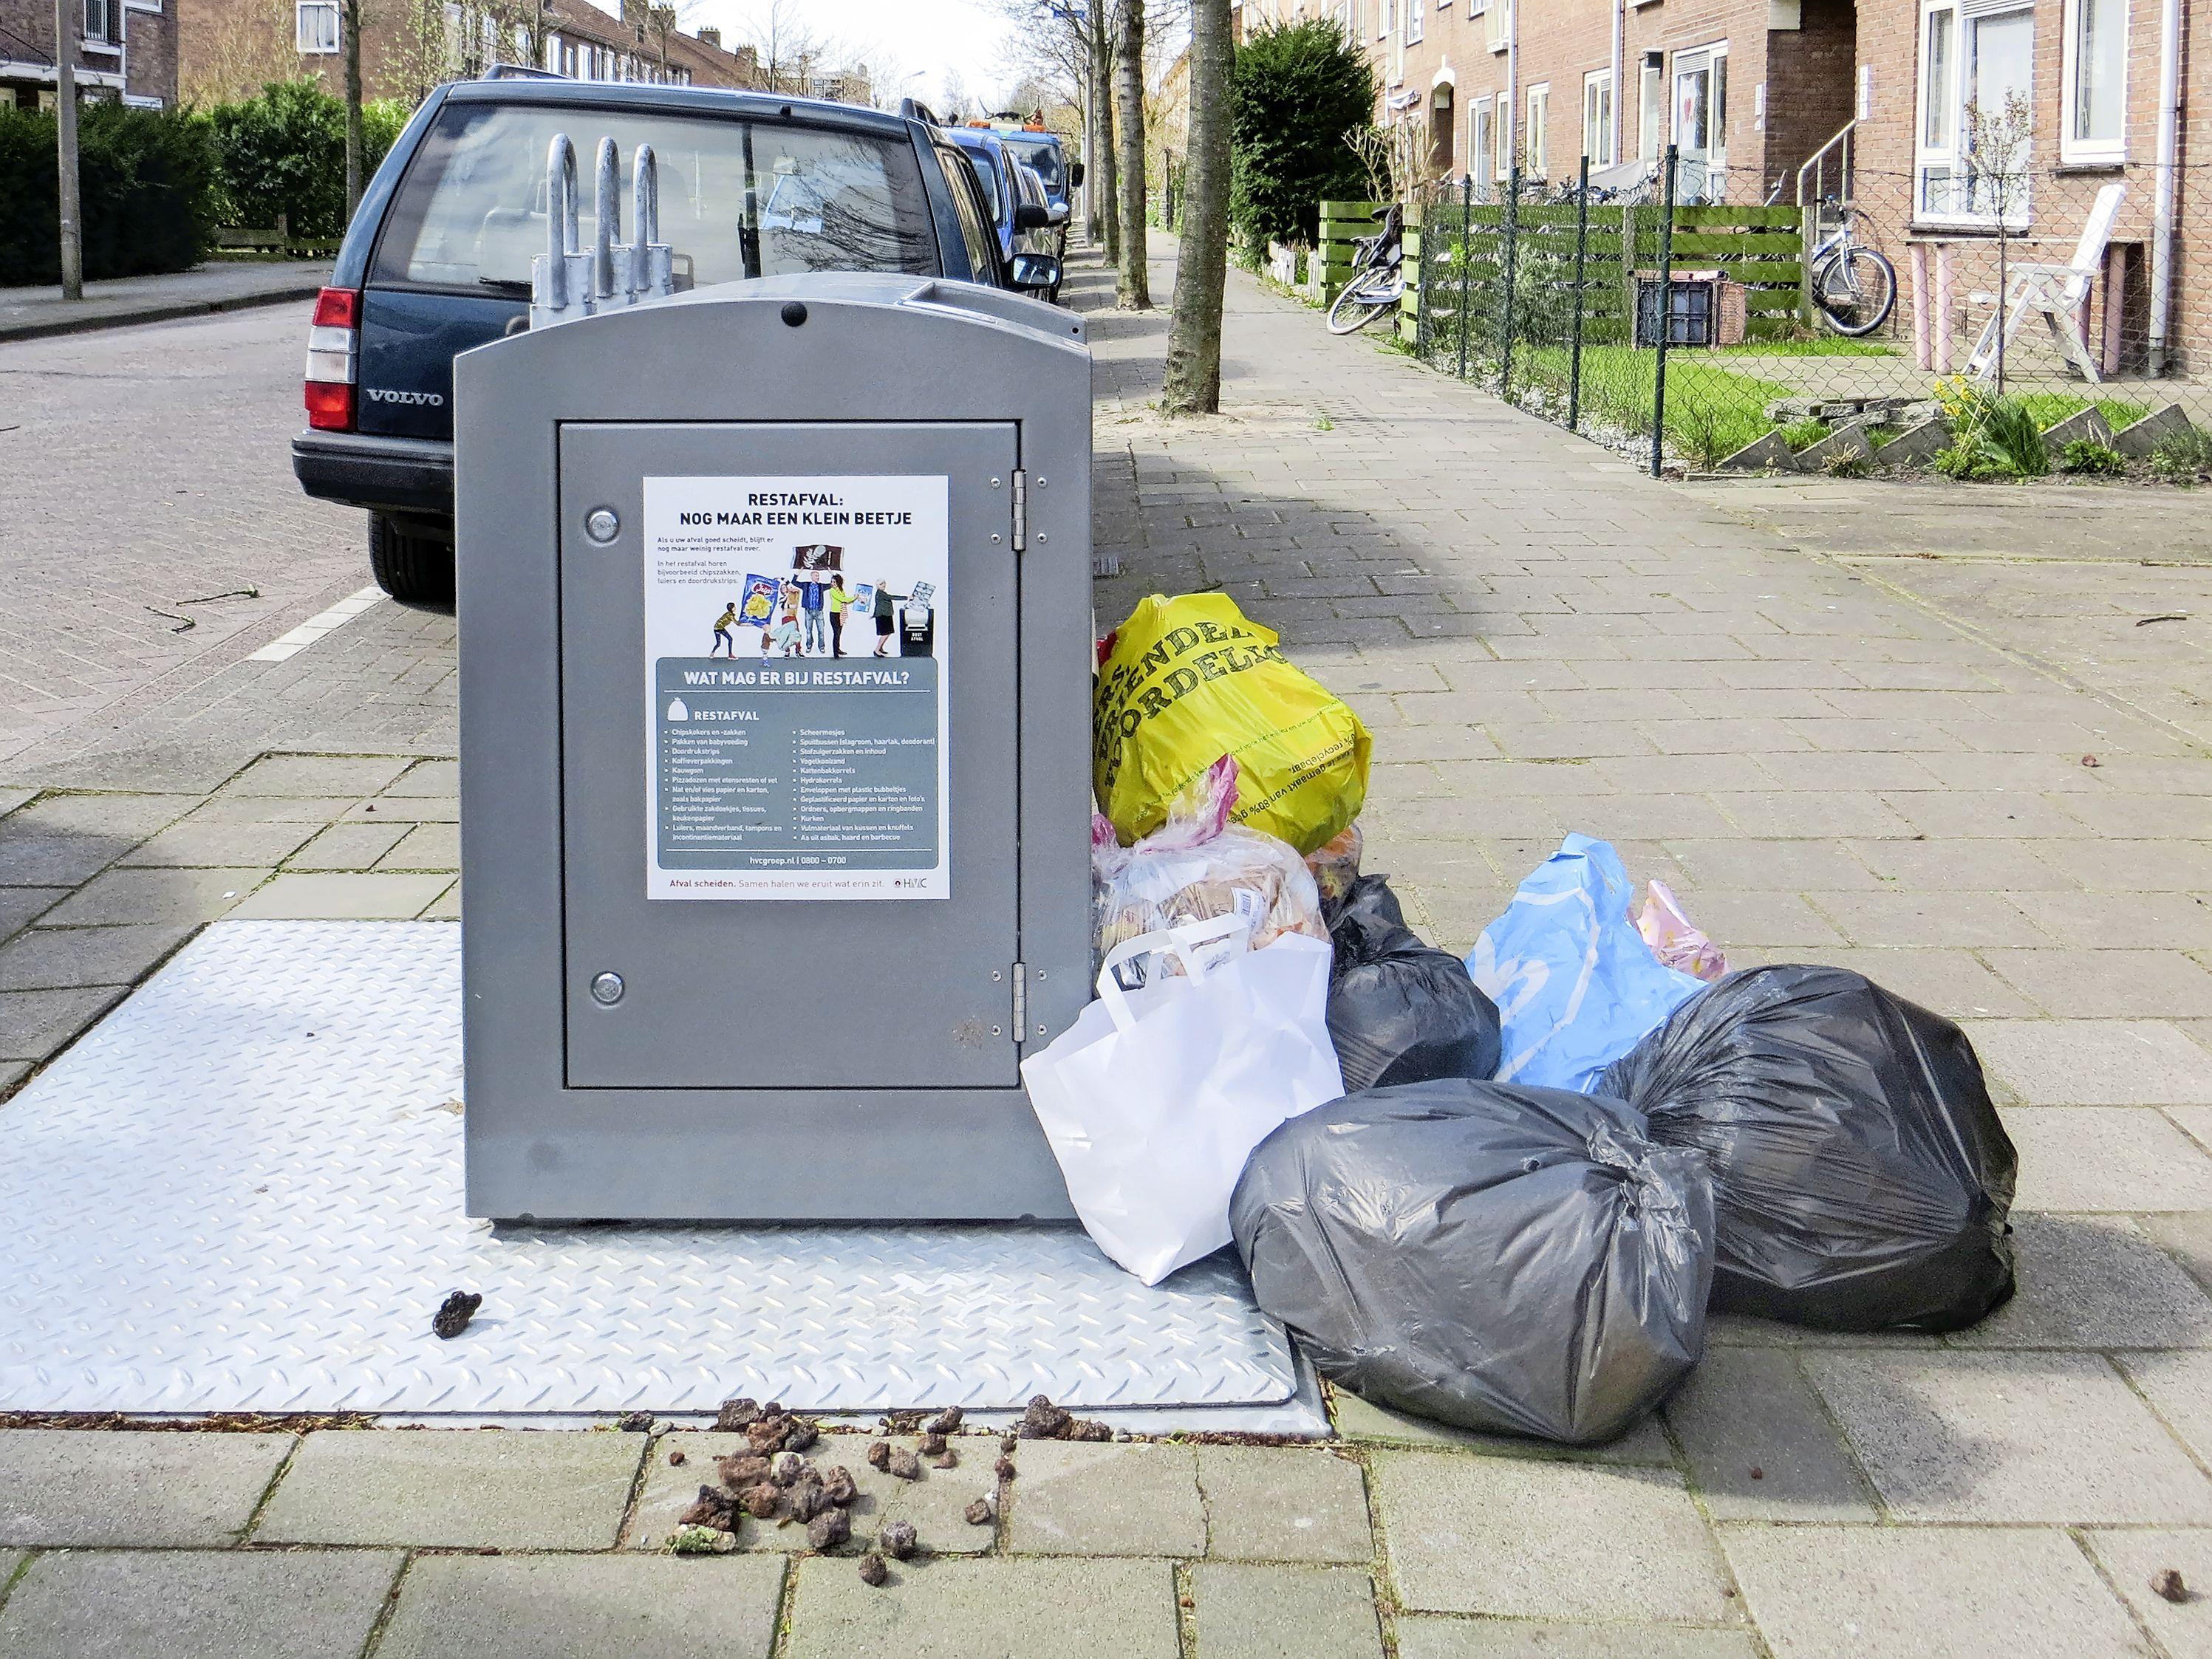 Zaanstad deelt meer boetes uit voor afval dumpen: '192 euro voor dat ene zakje, een waarschuwing was meer op zijn plaats geweest'